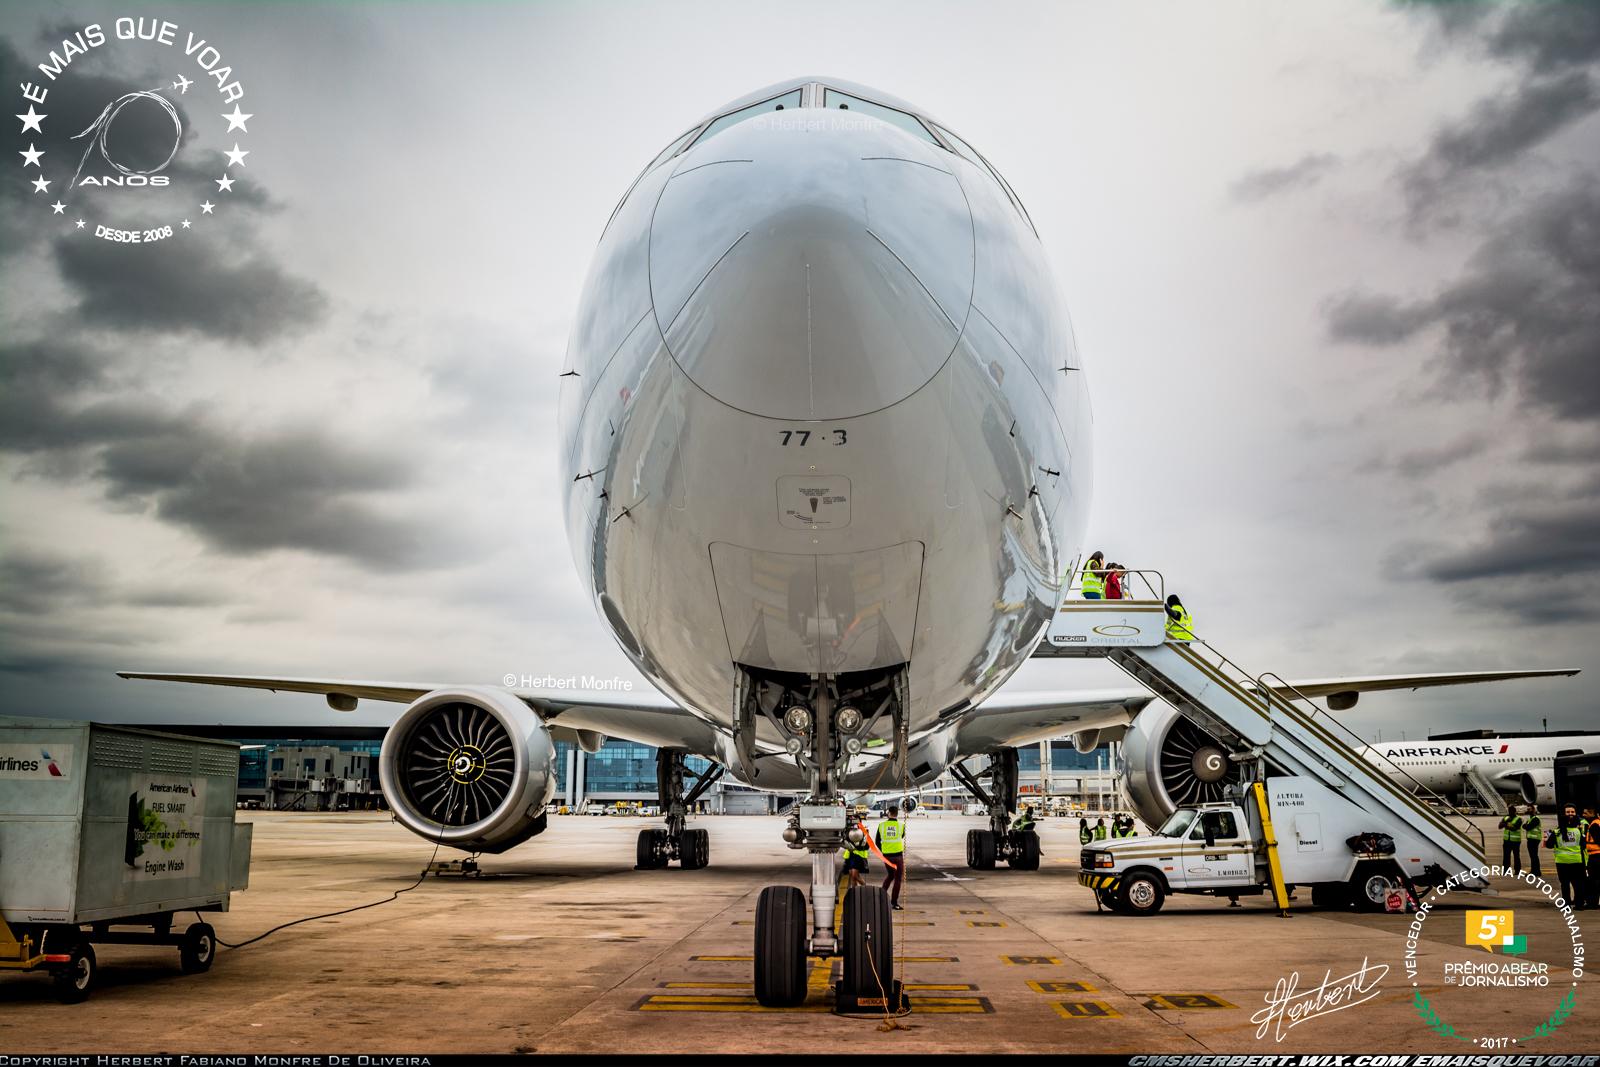 IATA apresentou resultados em demanda de passageiros nos últimos seis meses | É MAIS QUE VOAR